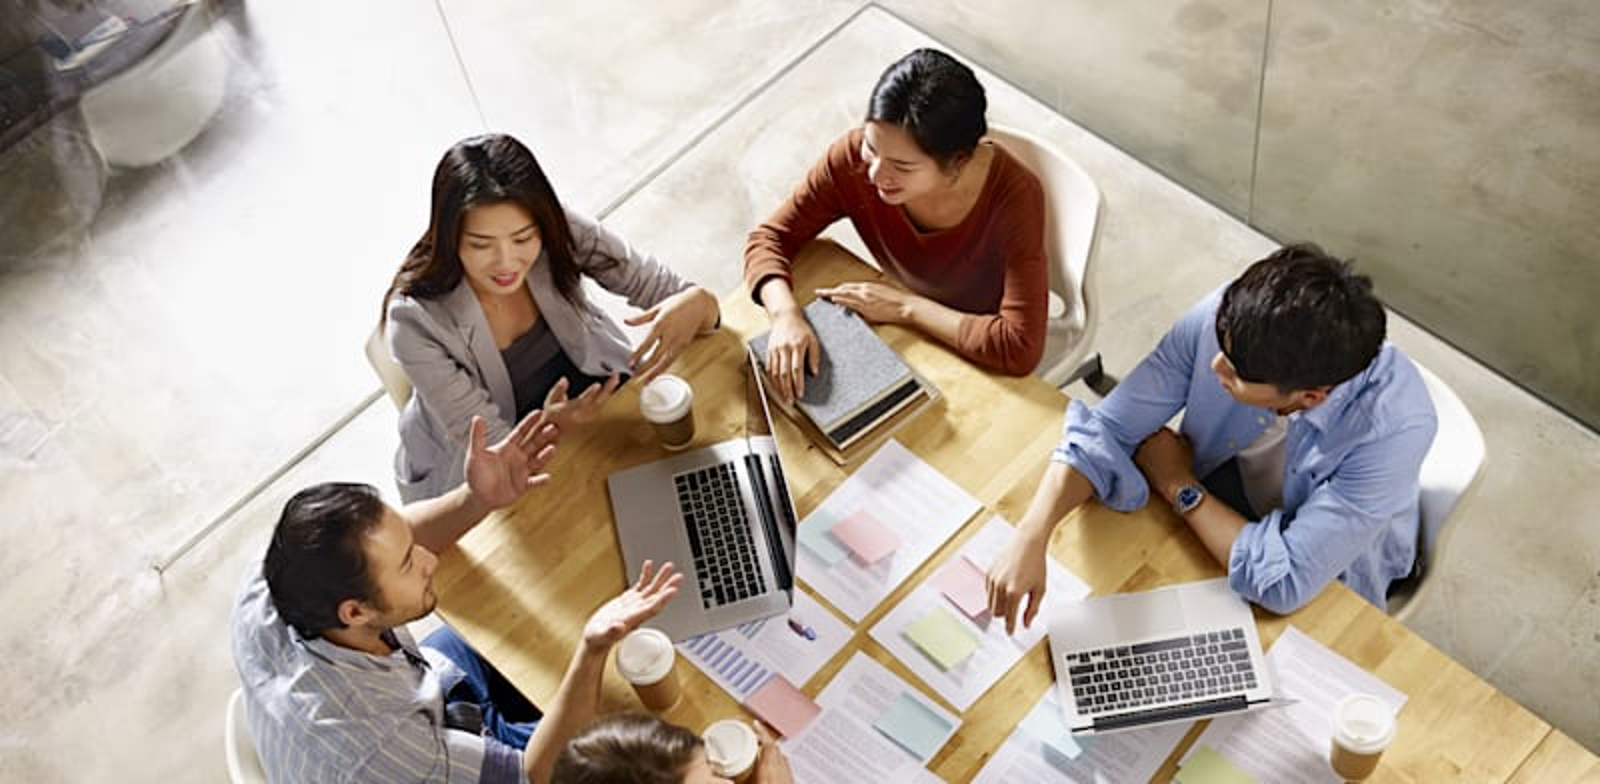 הניהול היפני הלא-היררכי שונה מאוד ממודל הניהול המקובל במדינות מערביות / צילום: Shutterstock, imtmphoto